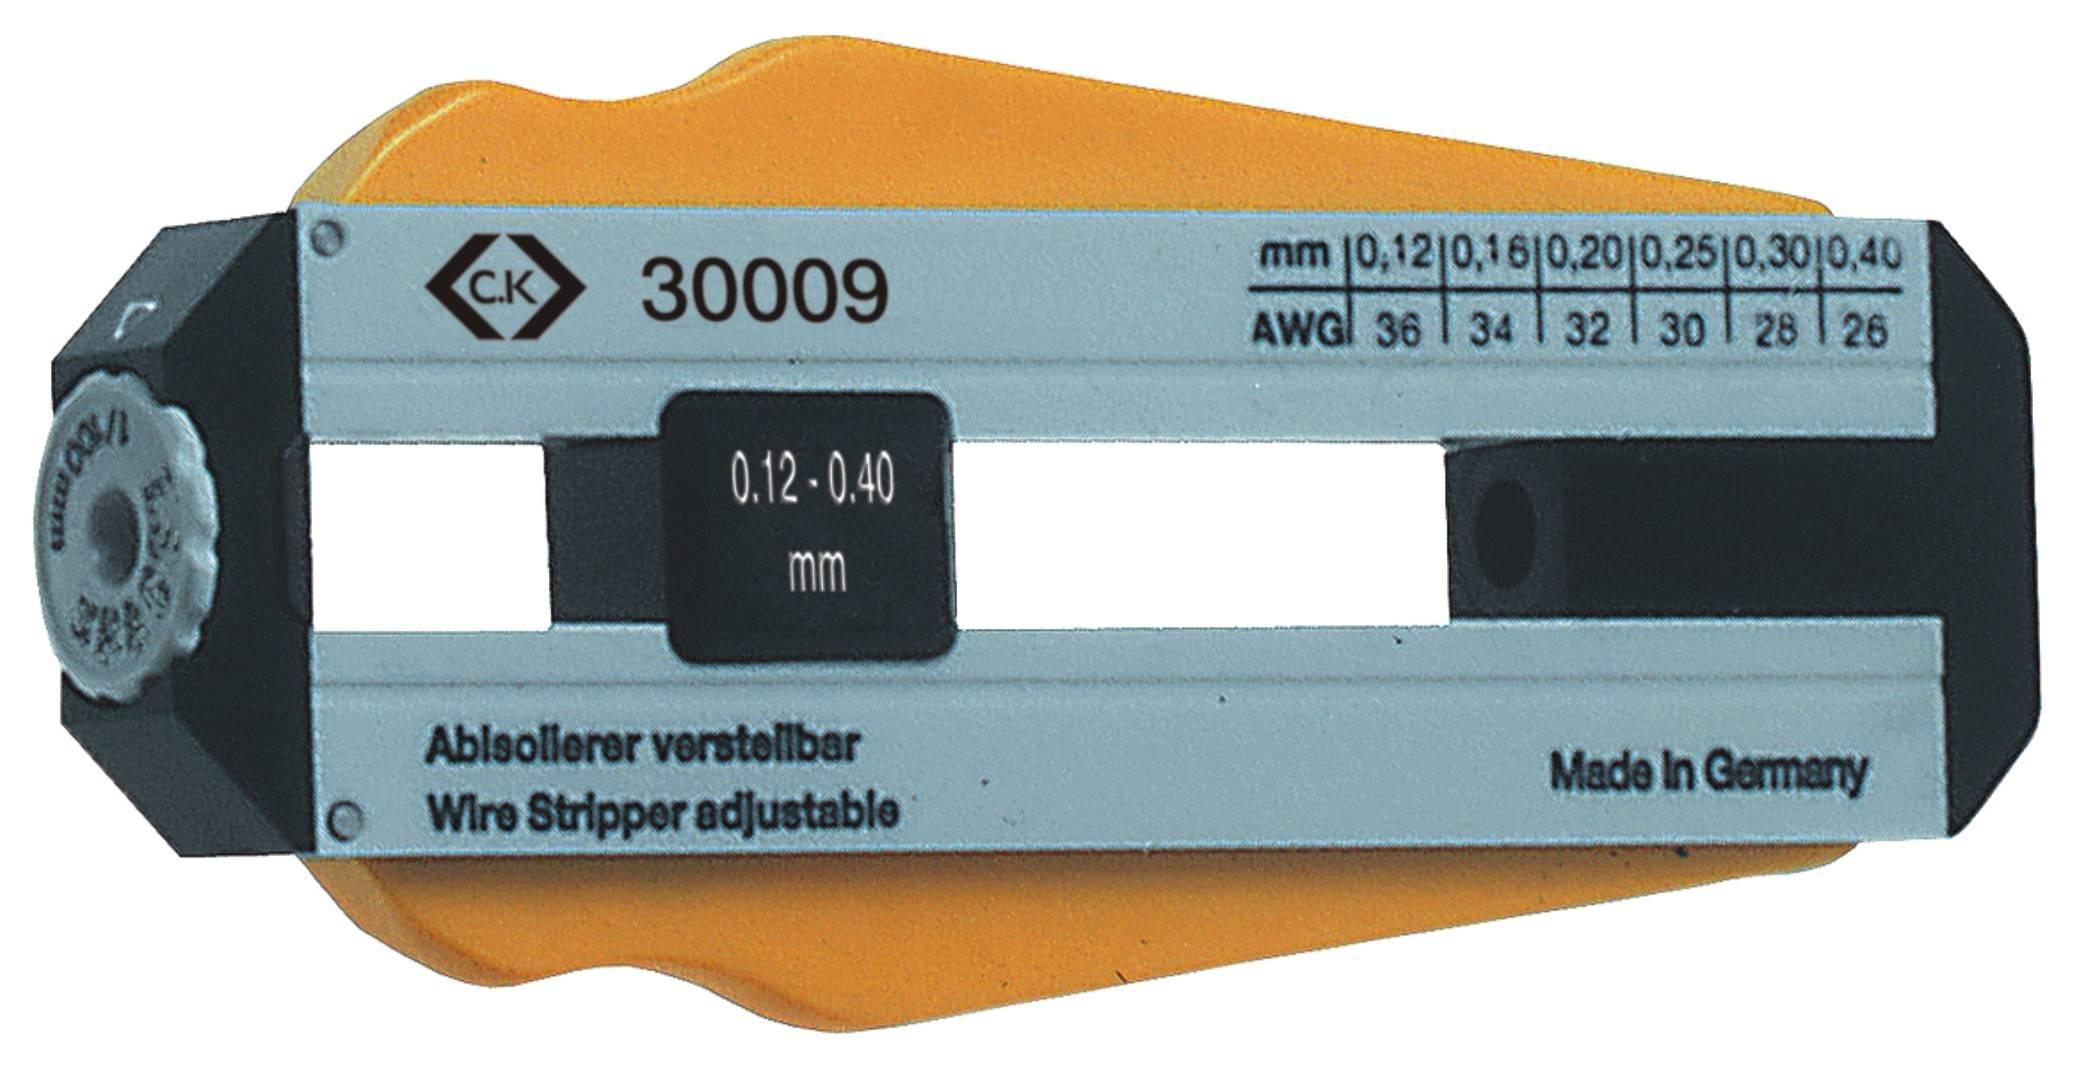 Odizolovací nástroj C.K., nastavitelný pro 6 průměrů 0,12 - 0,40 mm